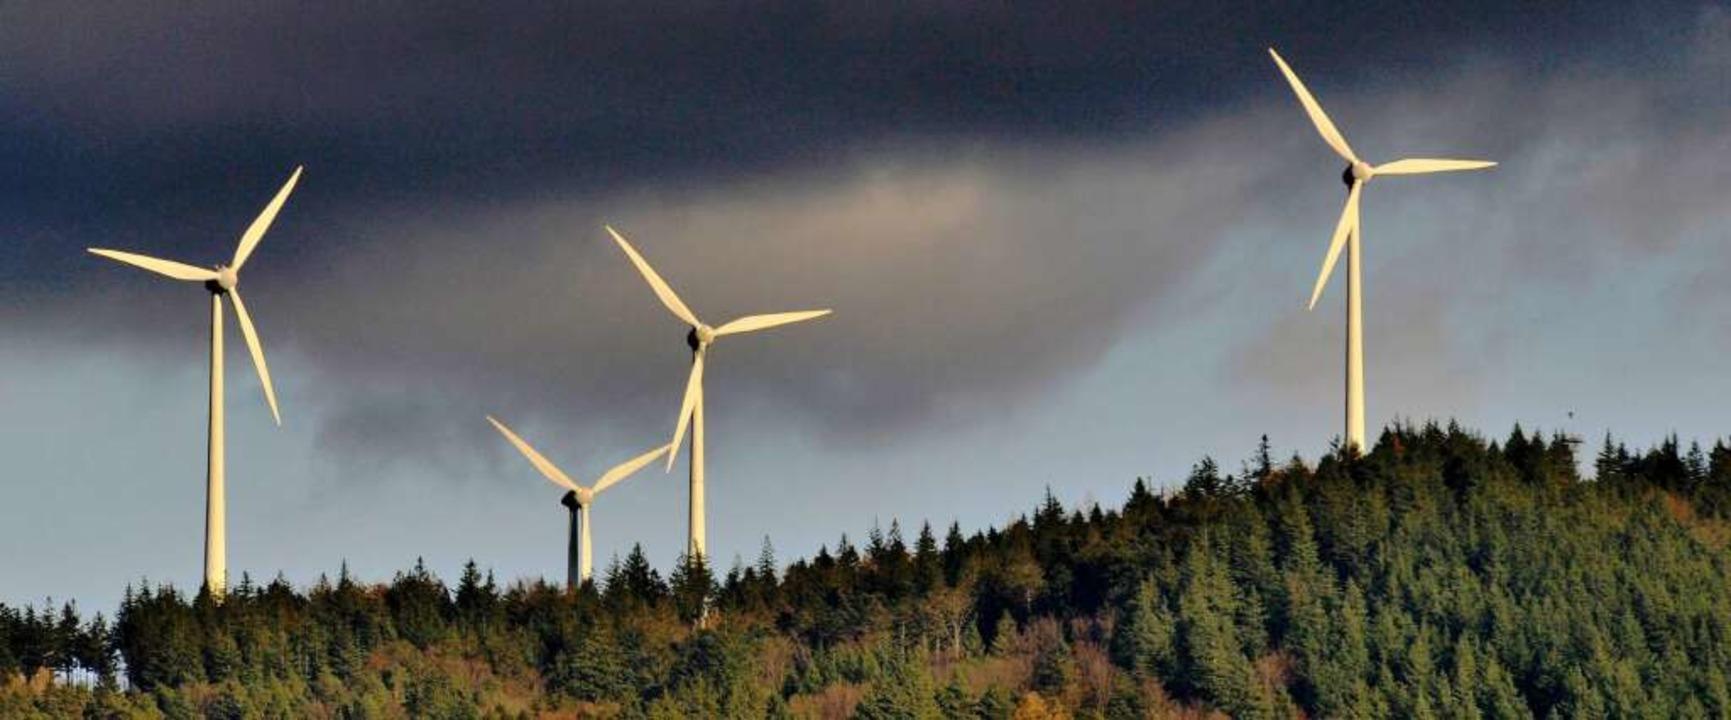 Die Windmühlen am Rosskopf sollen Zuwa... liegende Hornbühl wäre eine Variante.  | Foto: Ingo Schneider